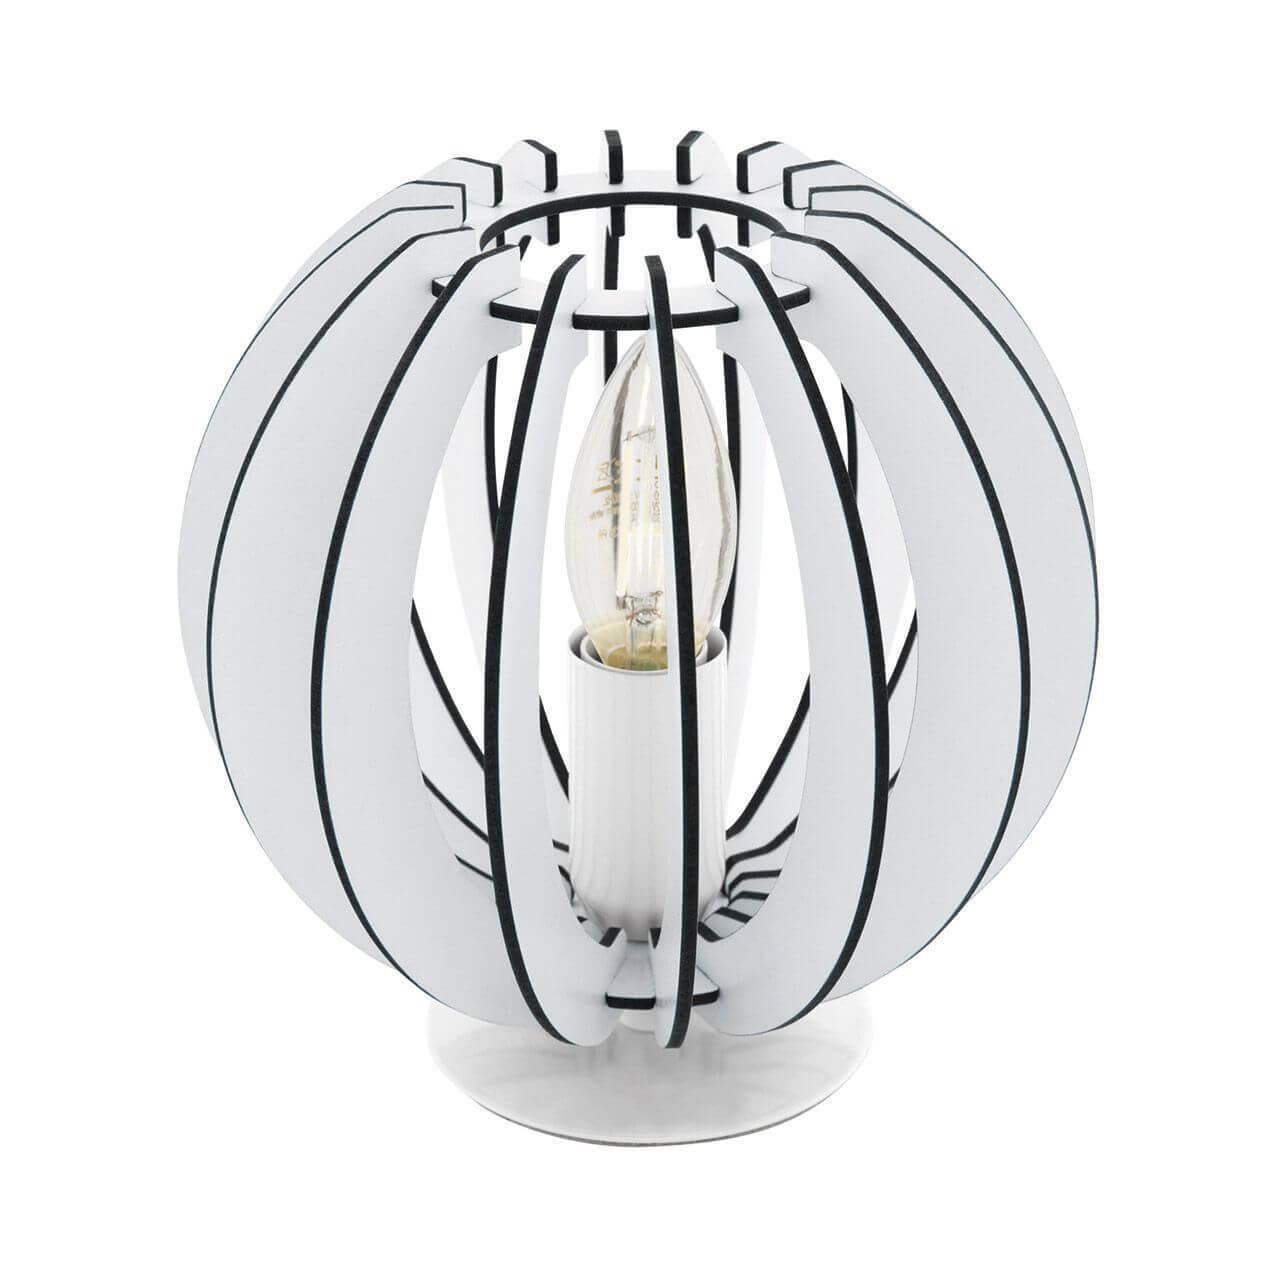 Настольная лампа Eglo 95794 Cossano настольная лампа eglo cossano 95793 40 вт